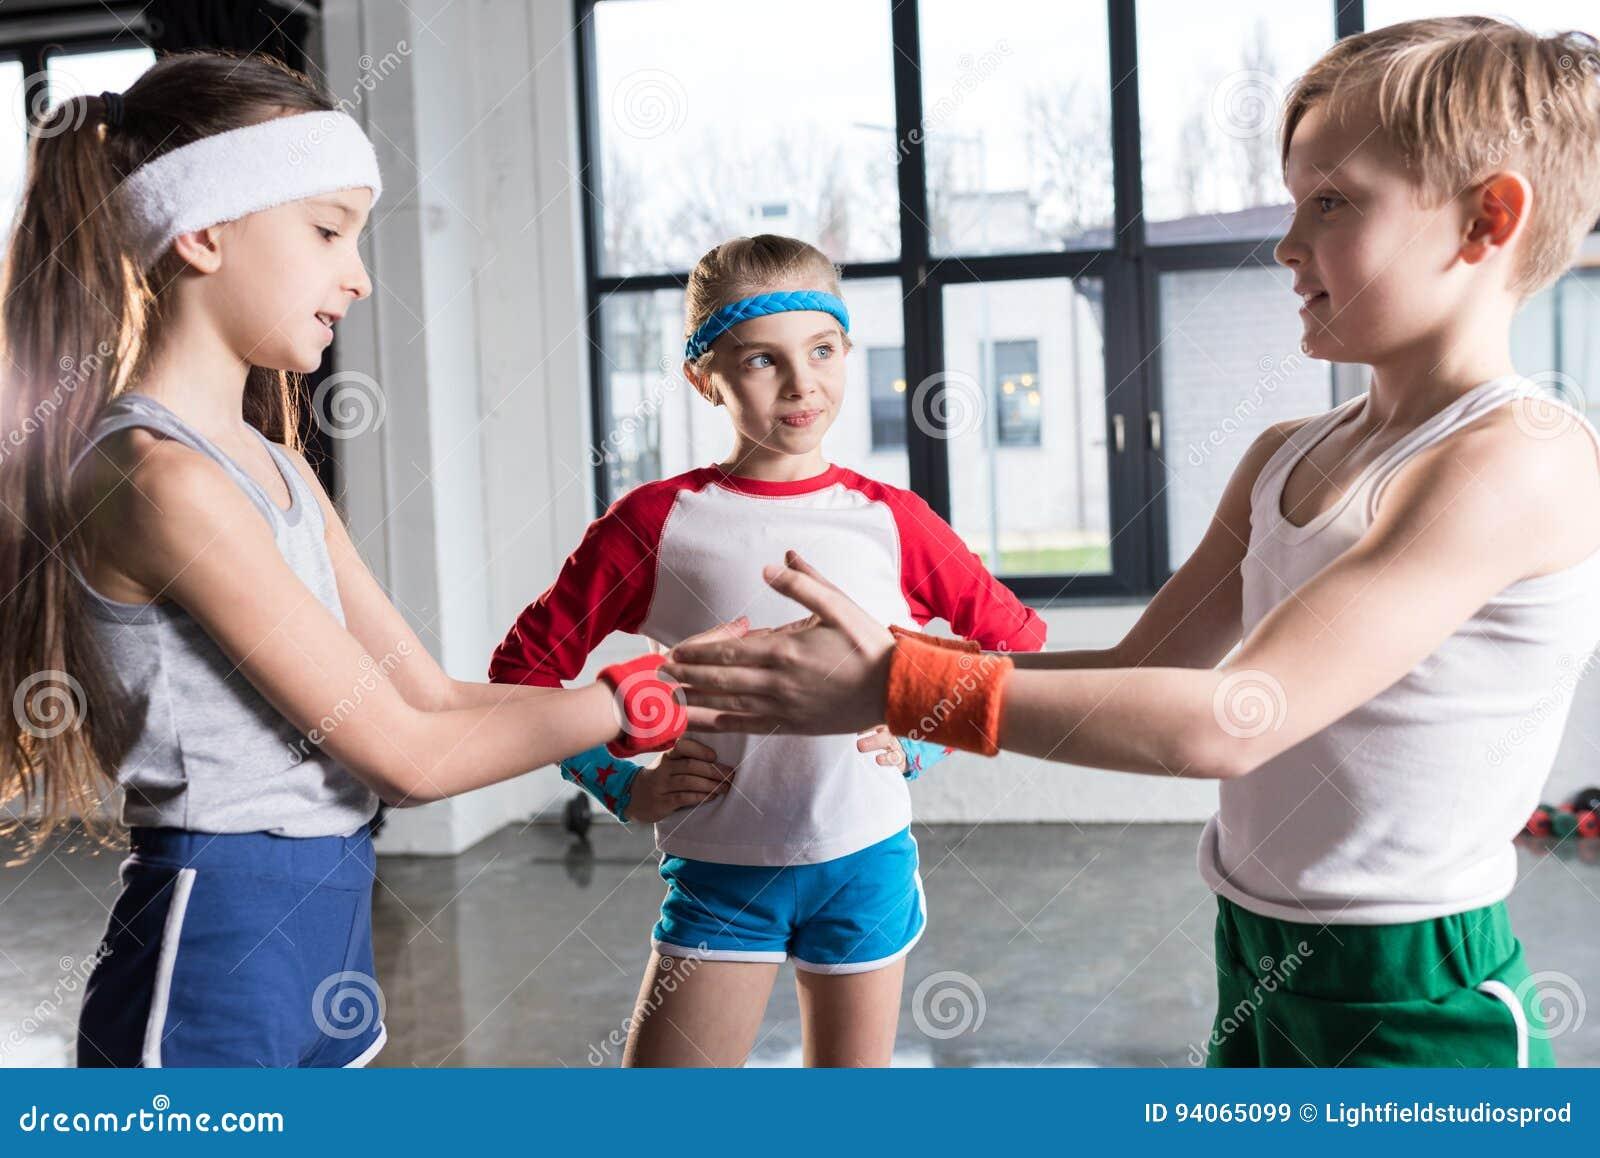 Crianças engraçadas adoráveis no sportswear que joga no estúdio da aptidão